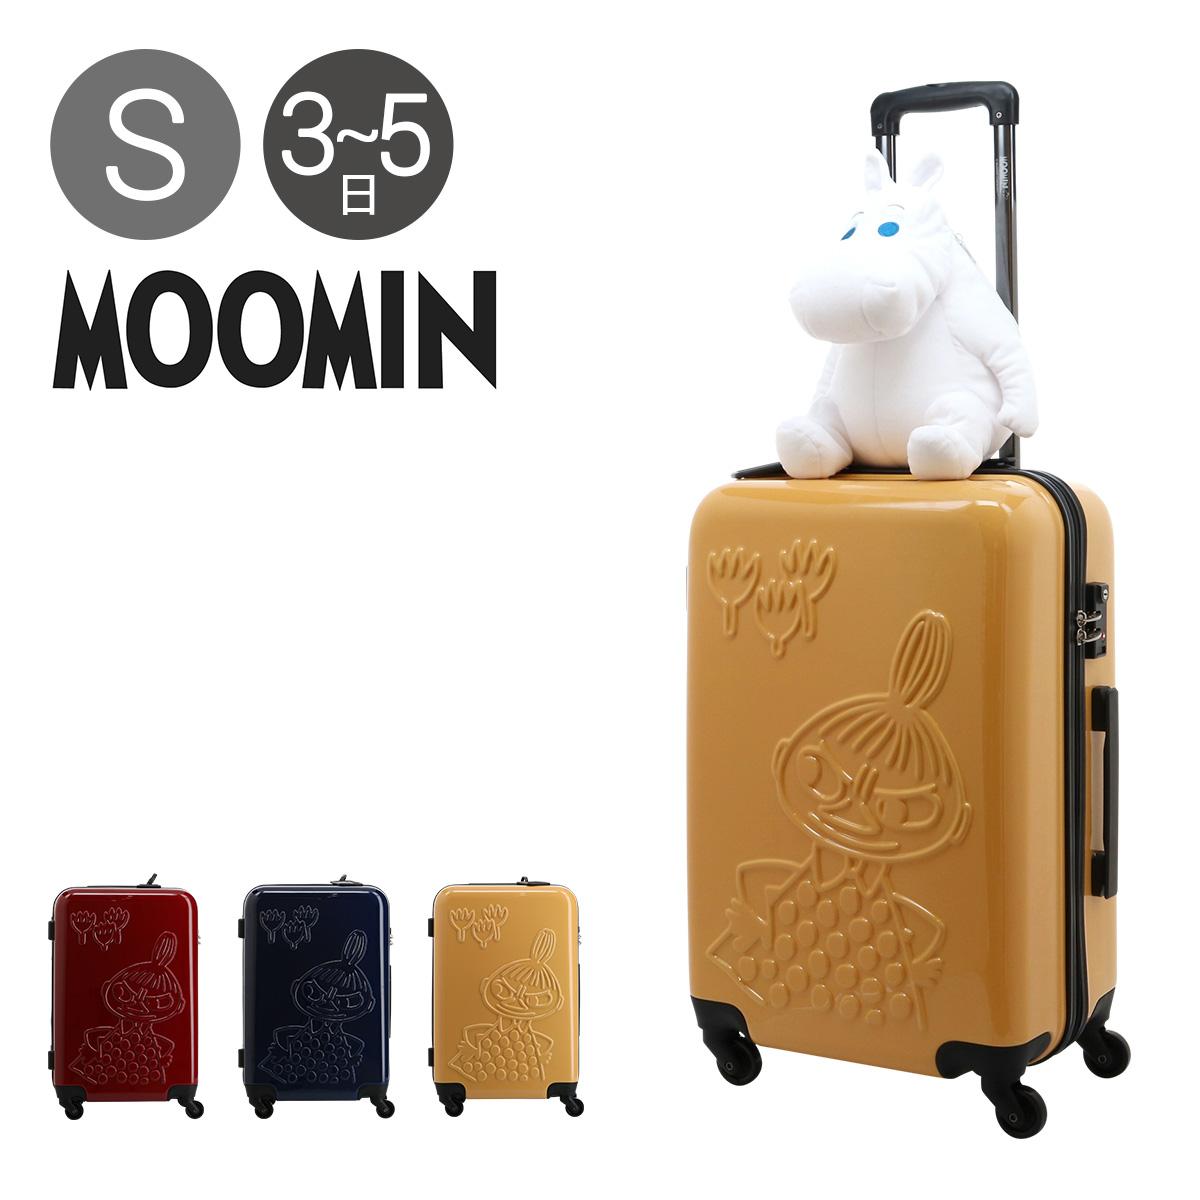 ムーミン スーツケース 44L 55.5cm 3kg ハード ファスナー レディース MM2-014 MOOMIN | キャリーケース TSAロック搭載[PO10][bef][即日発送]